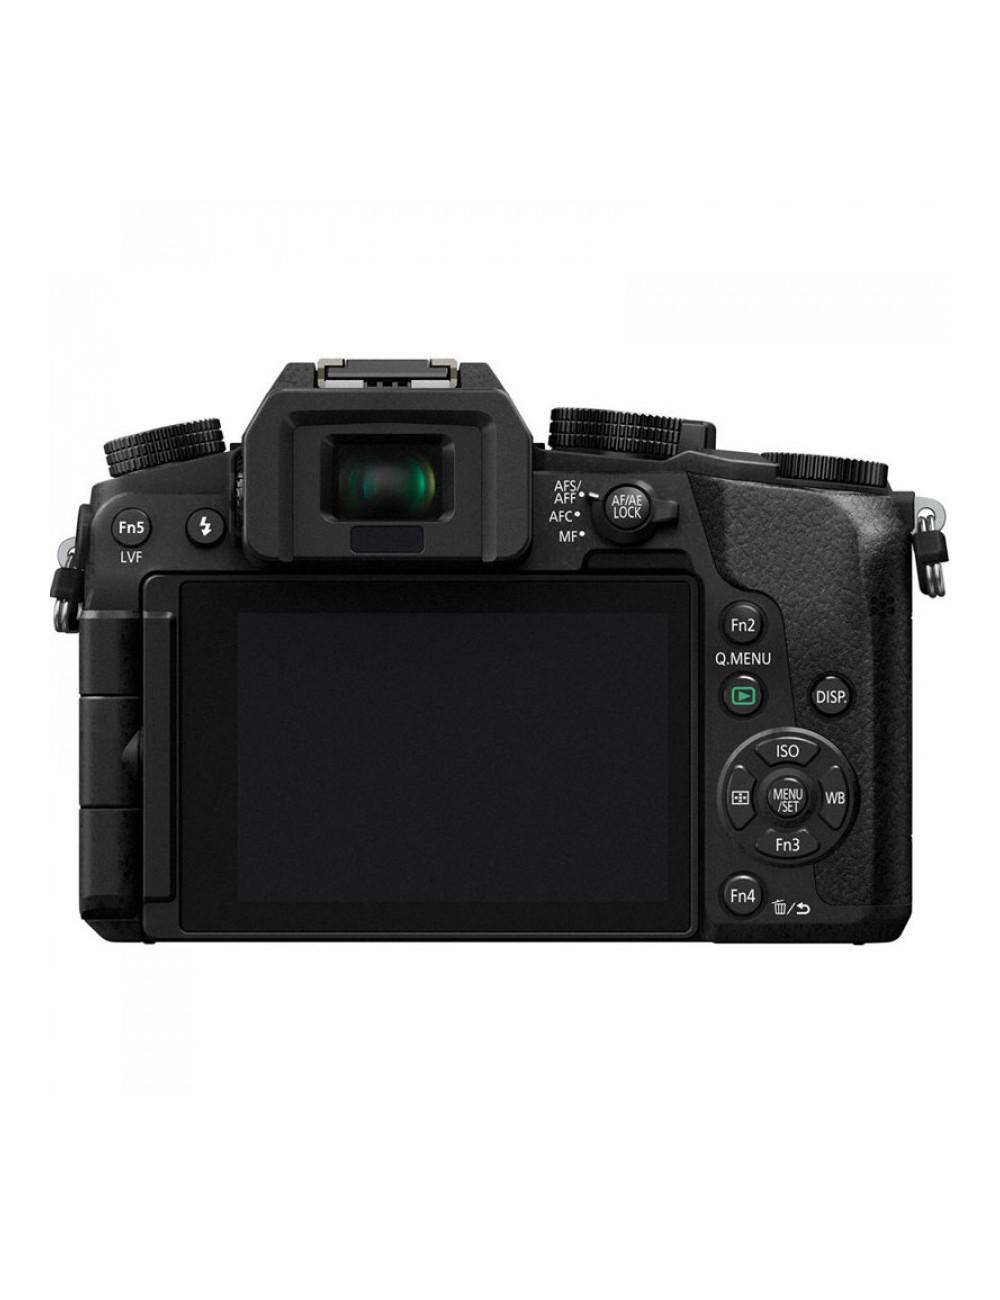 Bolso Canon tipo Banano para Camaras Reflex BG-100EG